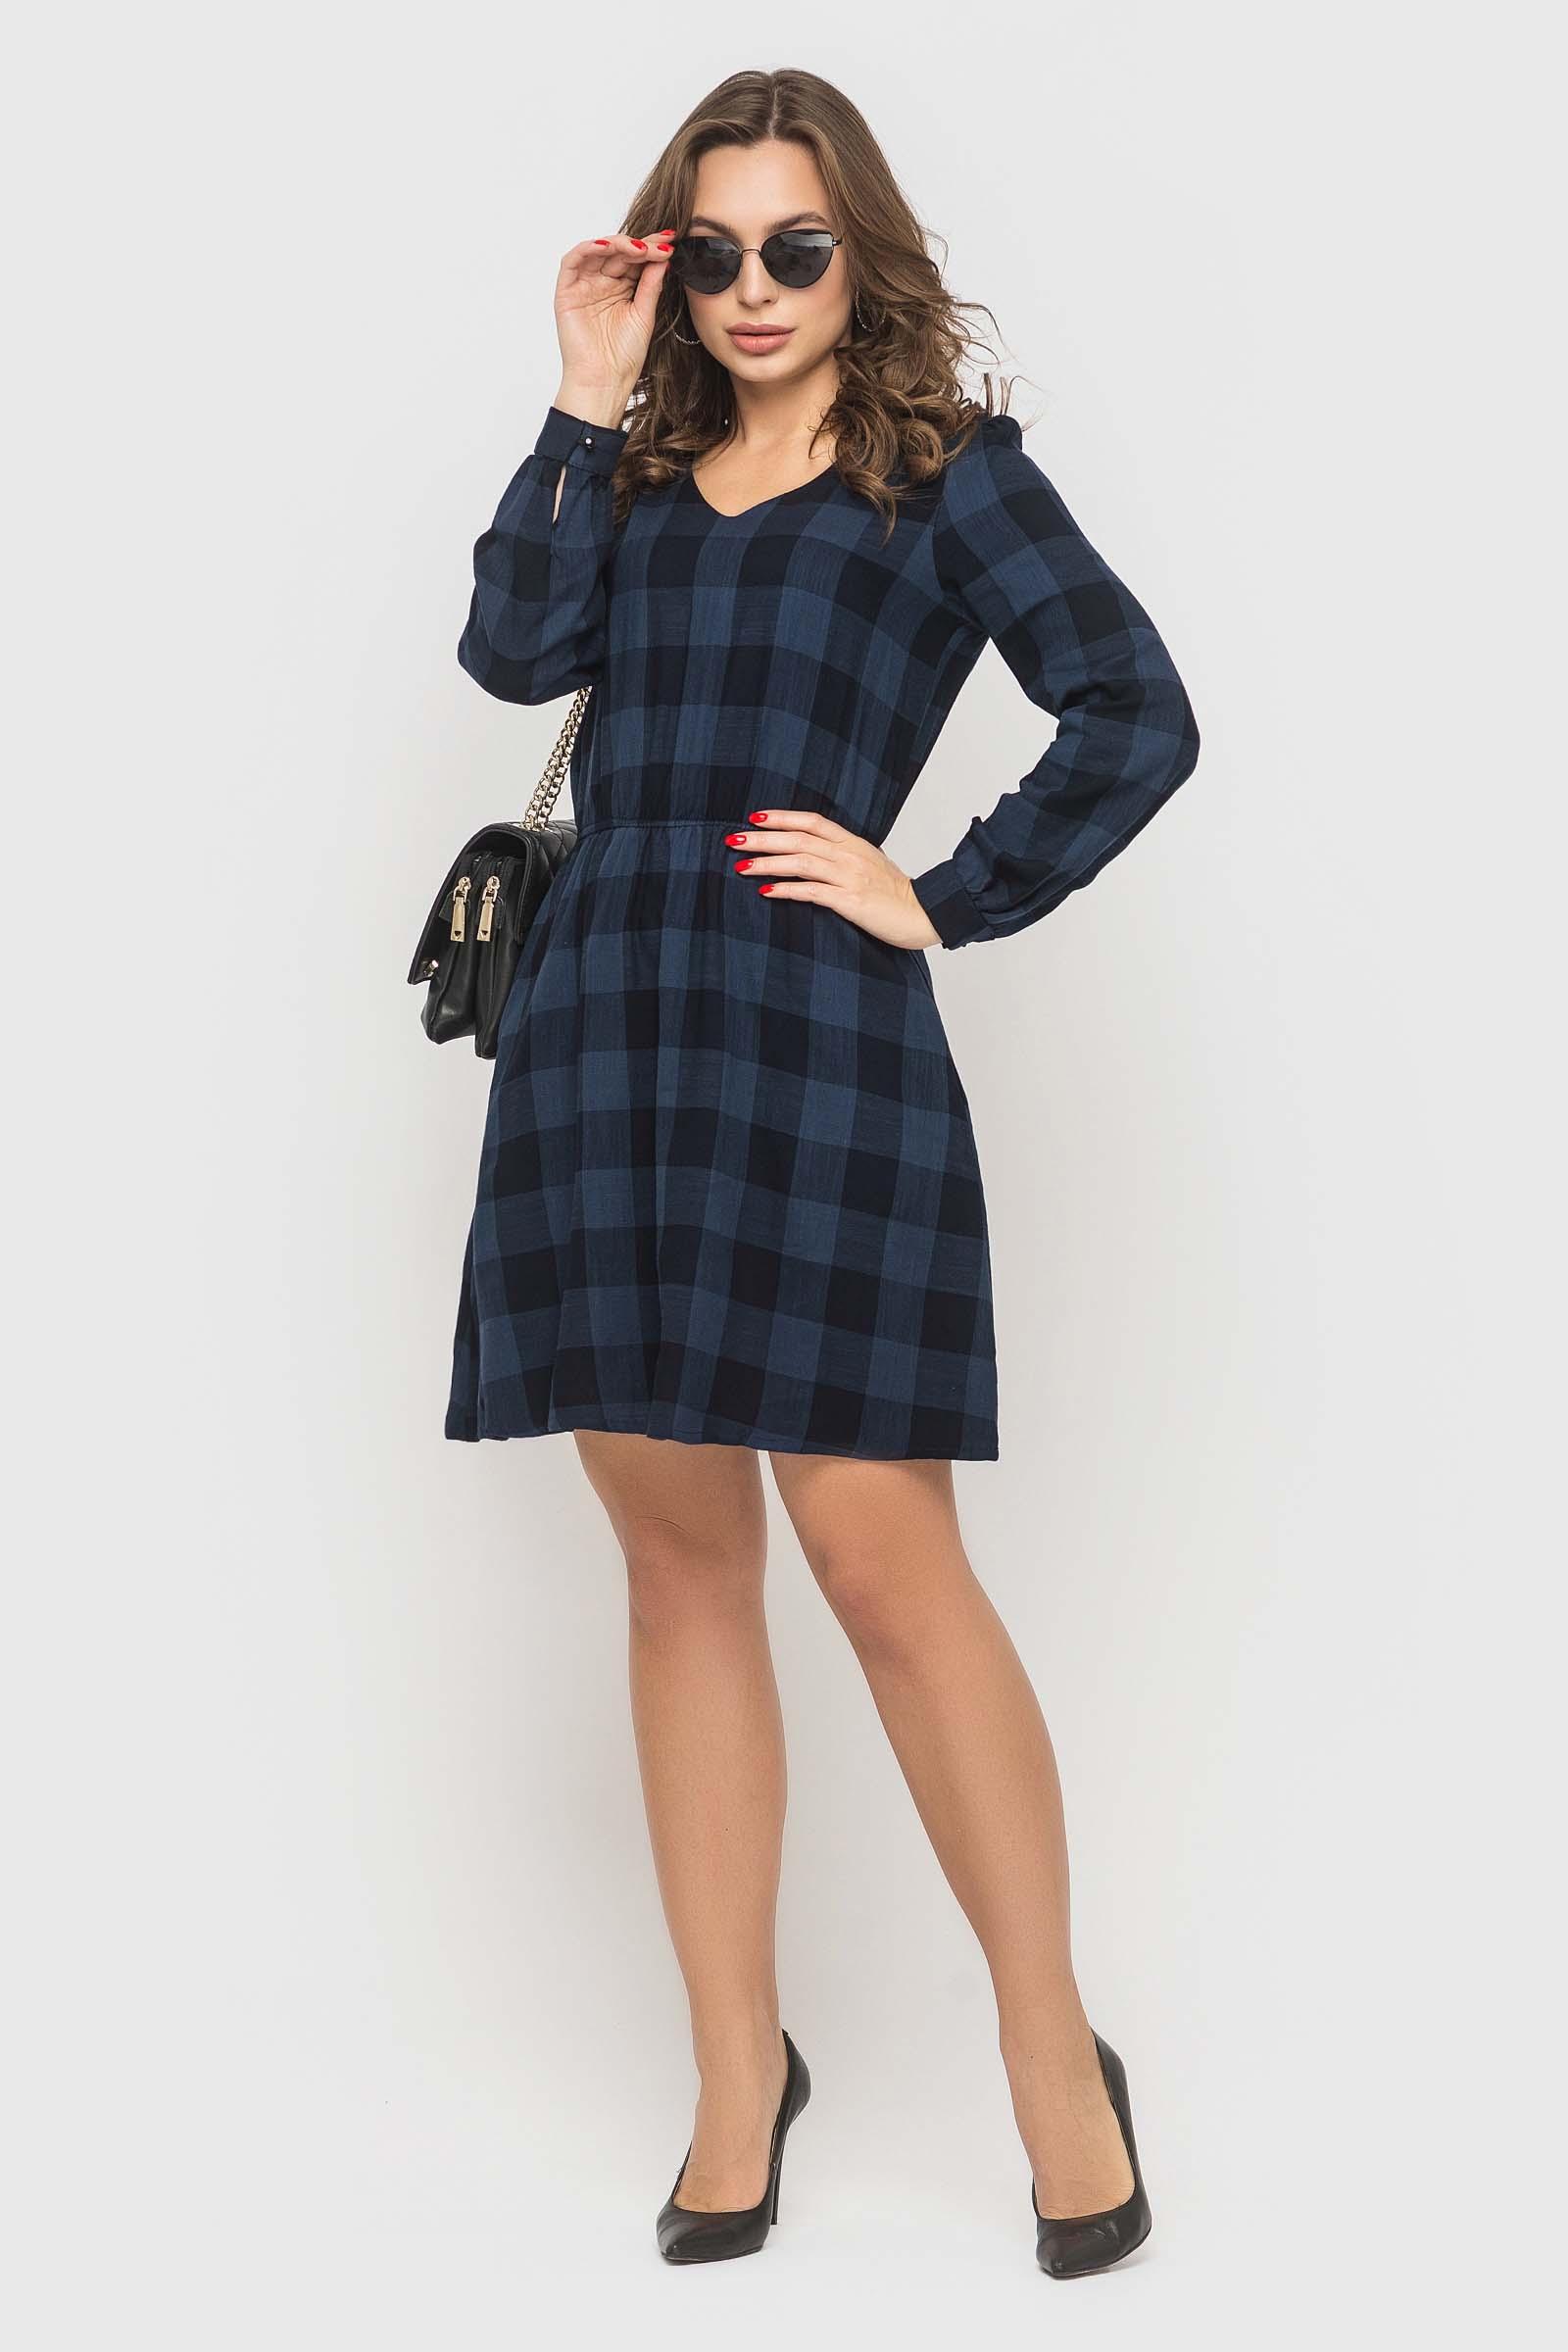 be art 2020 04 07182636 Купить платье